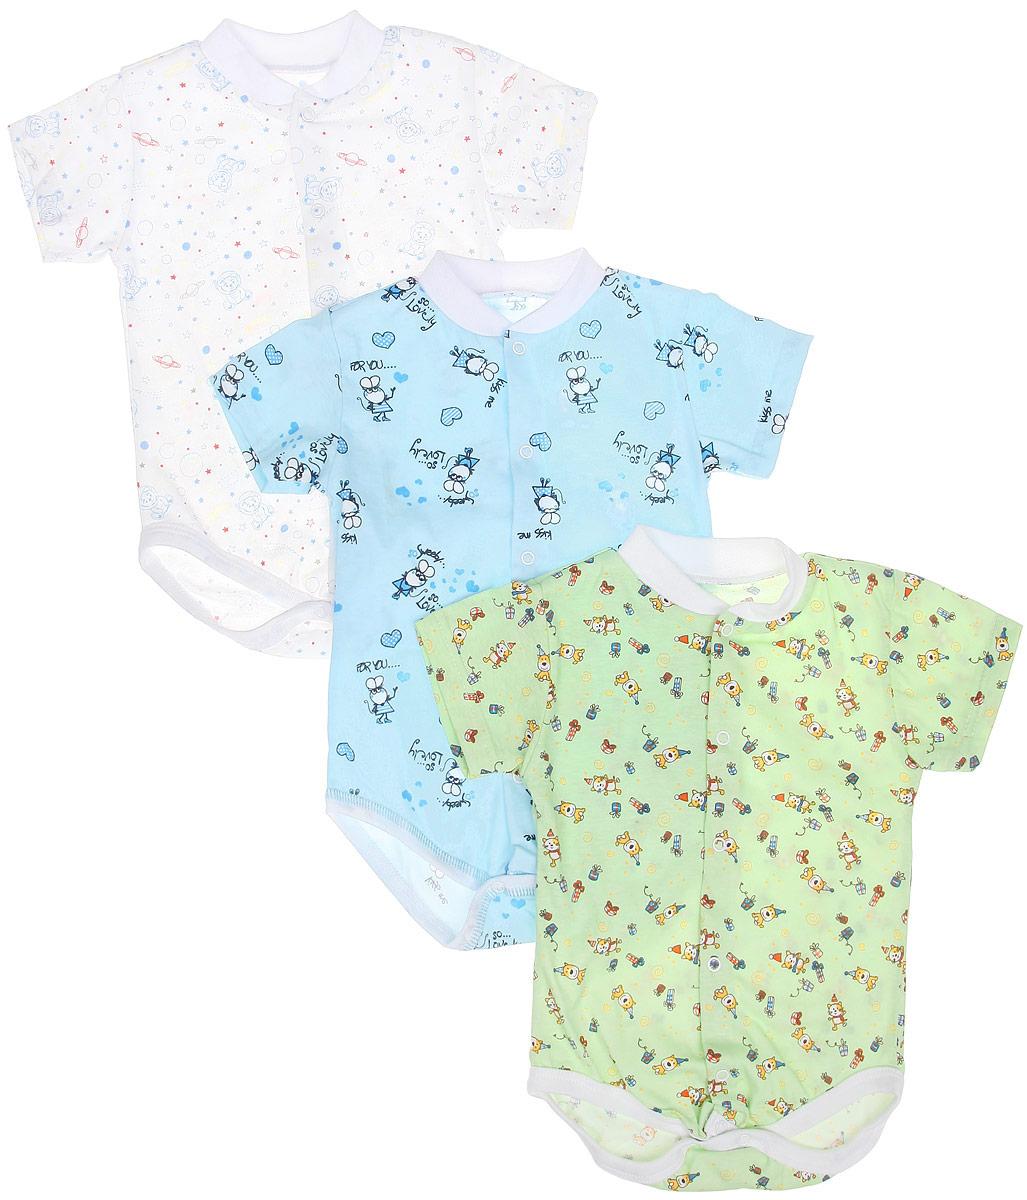 Боди-футболка для мальчика, 3 шт. 10-325м10-325мКомплект Фреш Стайл состоит из трех детских боди для мальчика. Выполненные из натурального хлопка, они мягкие и легкие, не раздражают нежную кожу ребенка и хорошо вентилируются. Боди с воротником-стойкой и короткими рукавами имеют удобные застежки-кнопки по всей длине и на ластовице, которые помогают легко переодеть младенца или сменить подгузник. Застежки-кнопки располагаются по центру модели. Воротник изготовлен из мягкой трикотажной резинки. Украшены боди яркими рисунками. Боди полностью соответствуют особенностям жизни малыша в ранний период, не стесняя и не ограничивая его в движениях! УВАЖАЕМЫЕ КЛИЕНТЫ! Обращаем ваше внимание на тот факт, что товар поставляется в цветовом ассортименте. Поставка осуществляется в зависимости от наличия на складе.